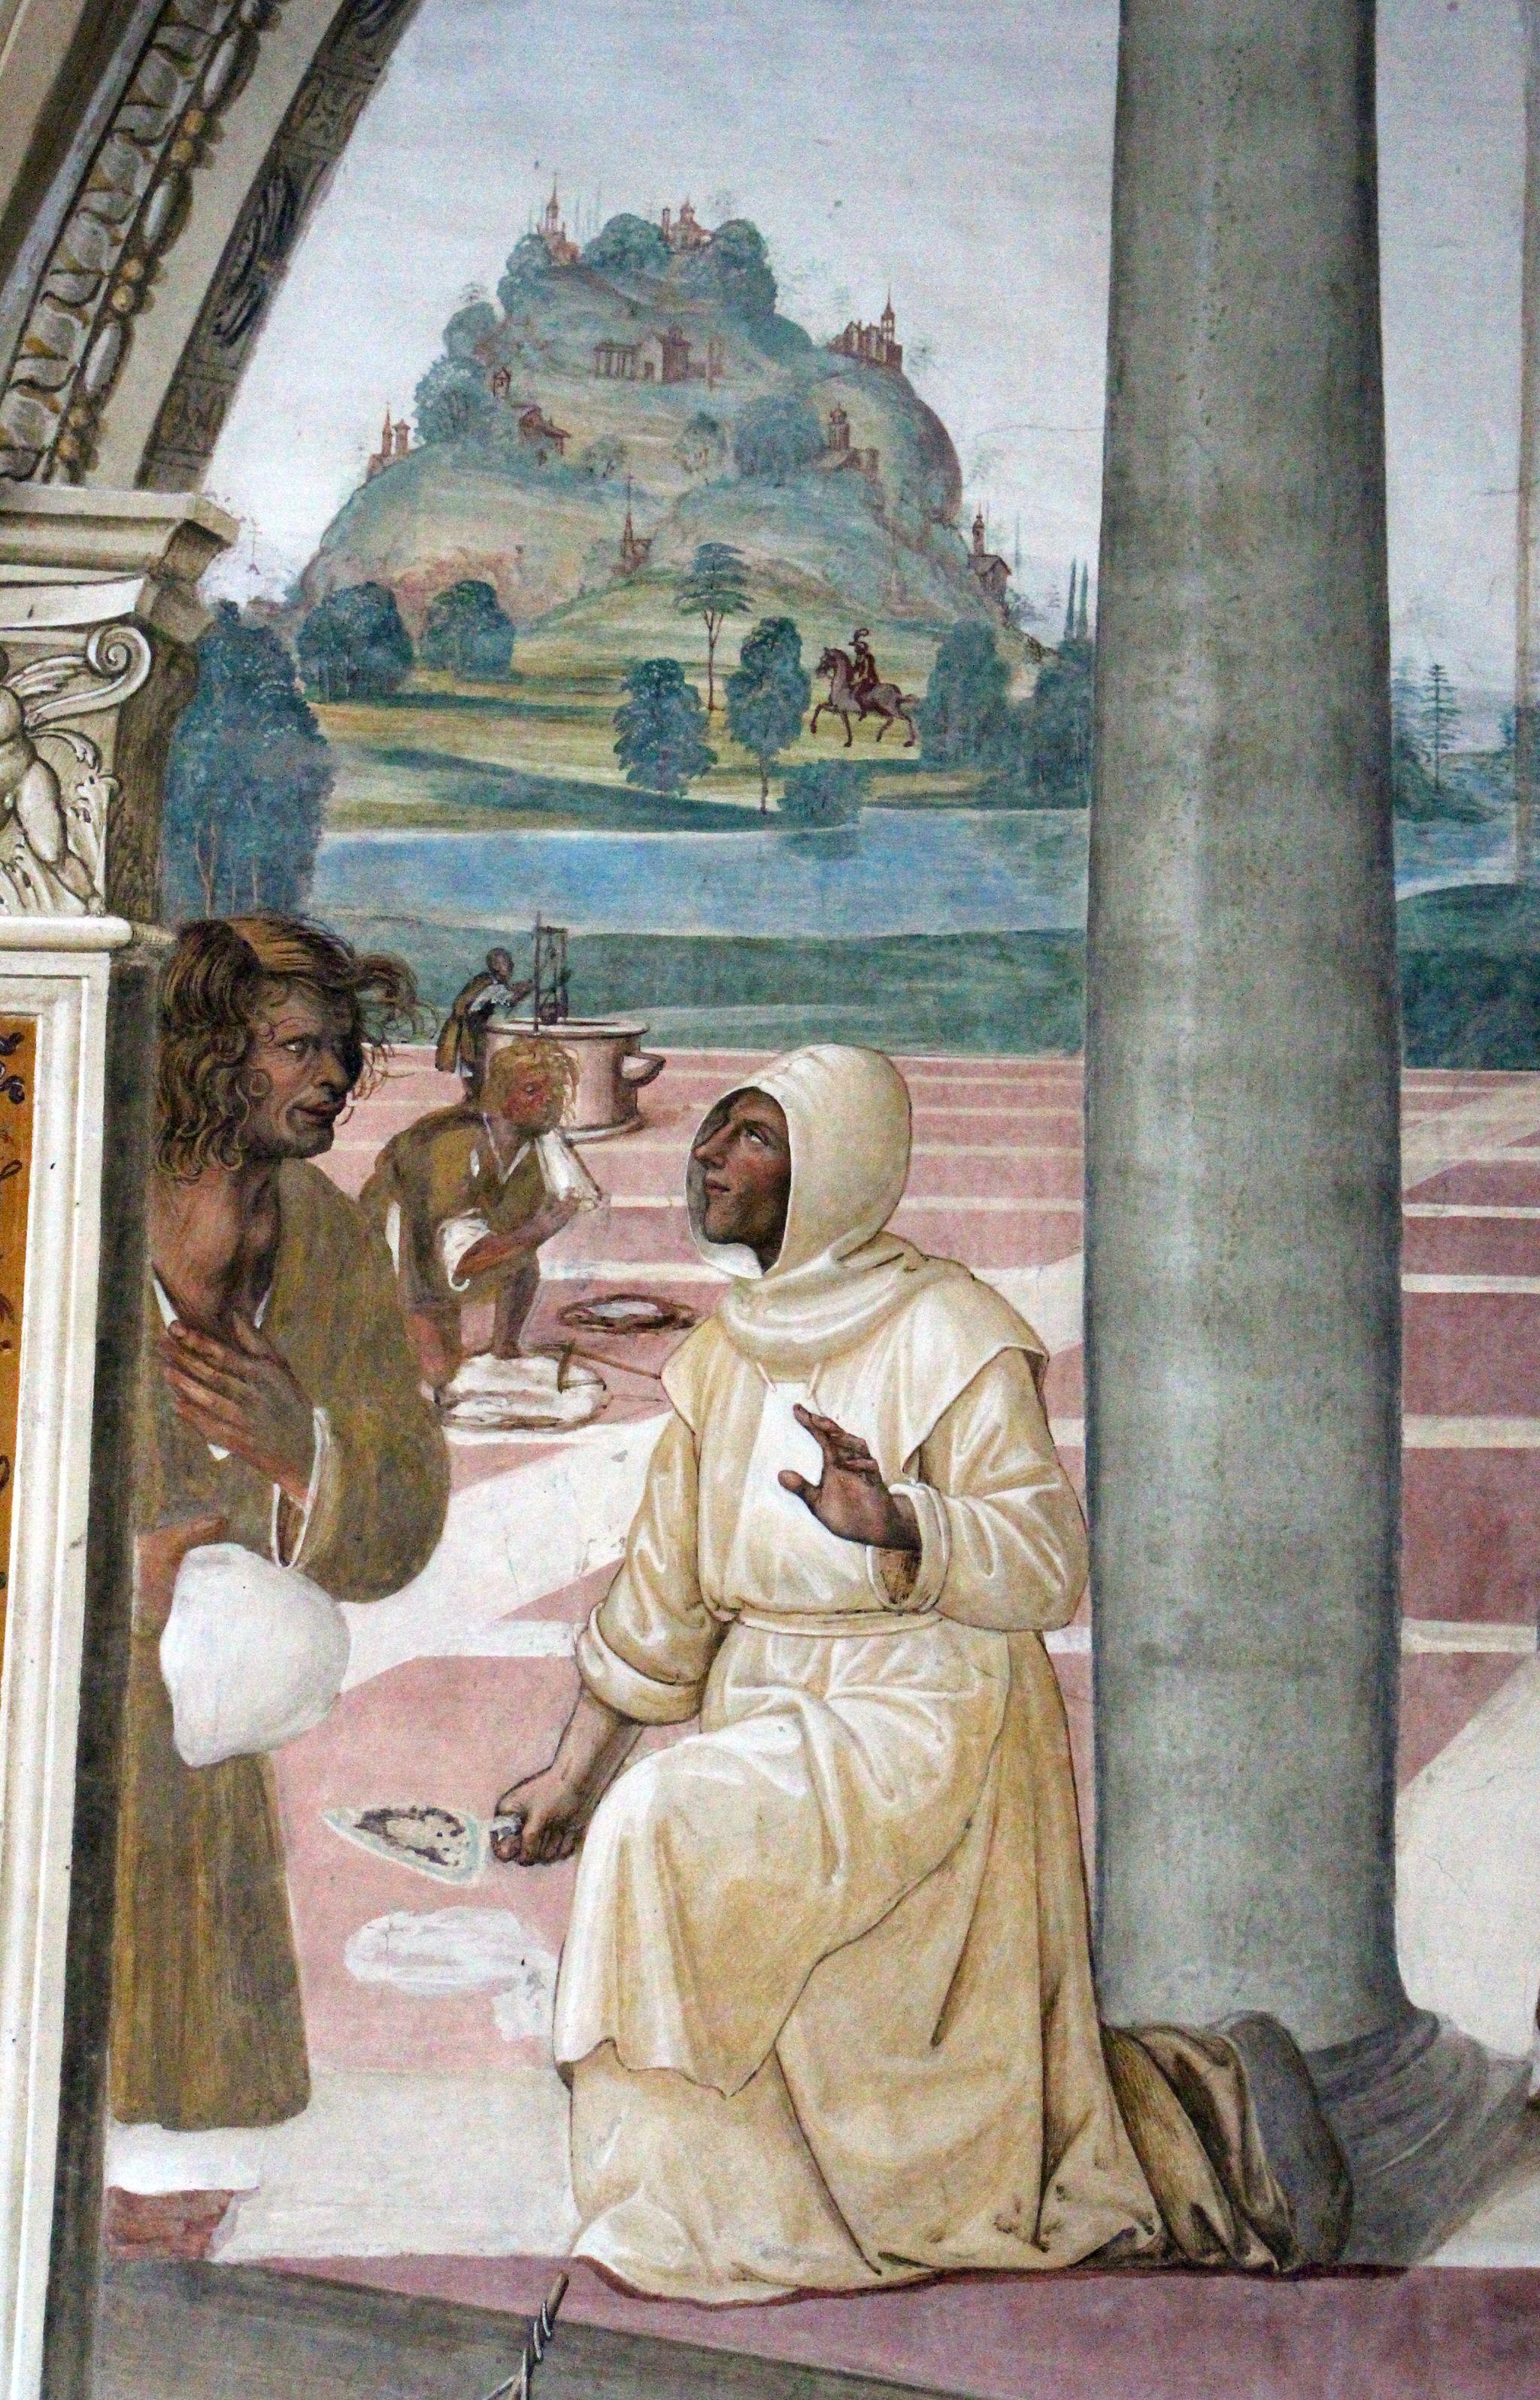 Storie di s. benedetto, 11 sodoma - Come Benedetto compie la edificazione di dodici monasteri 03